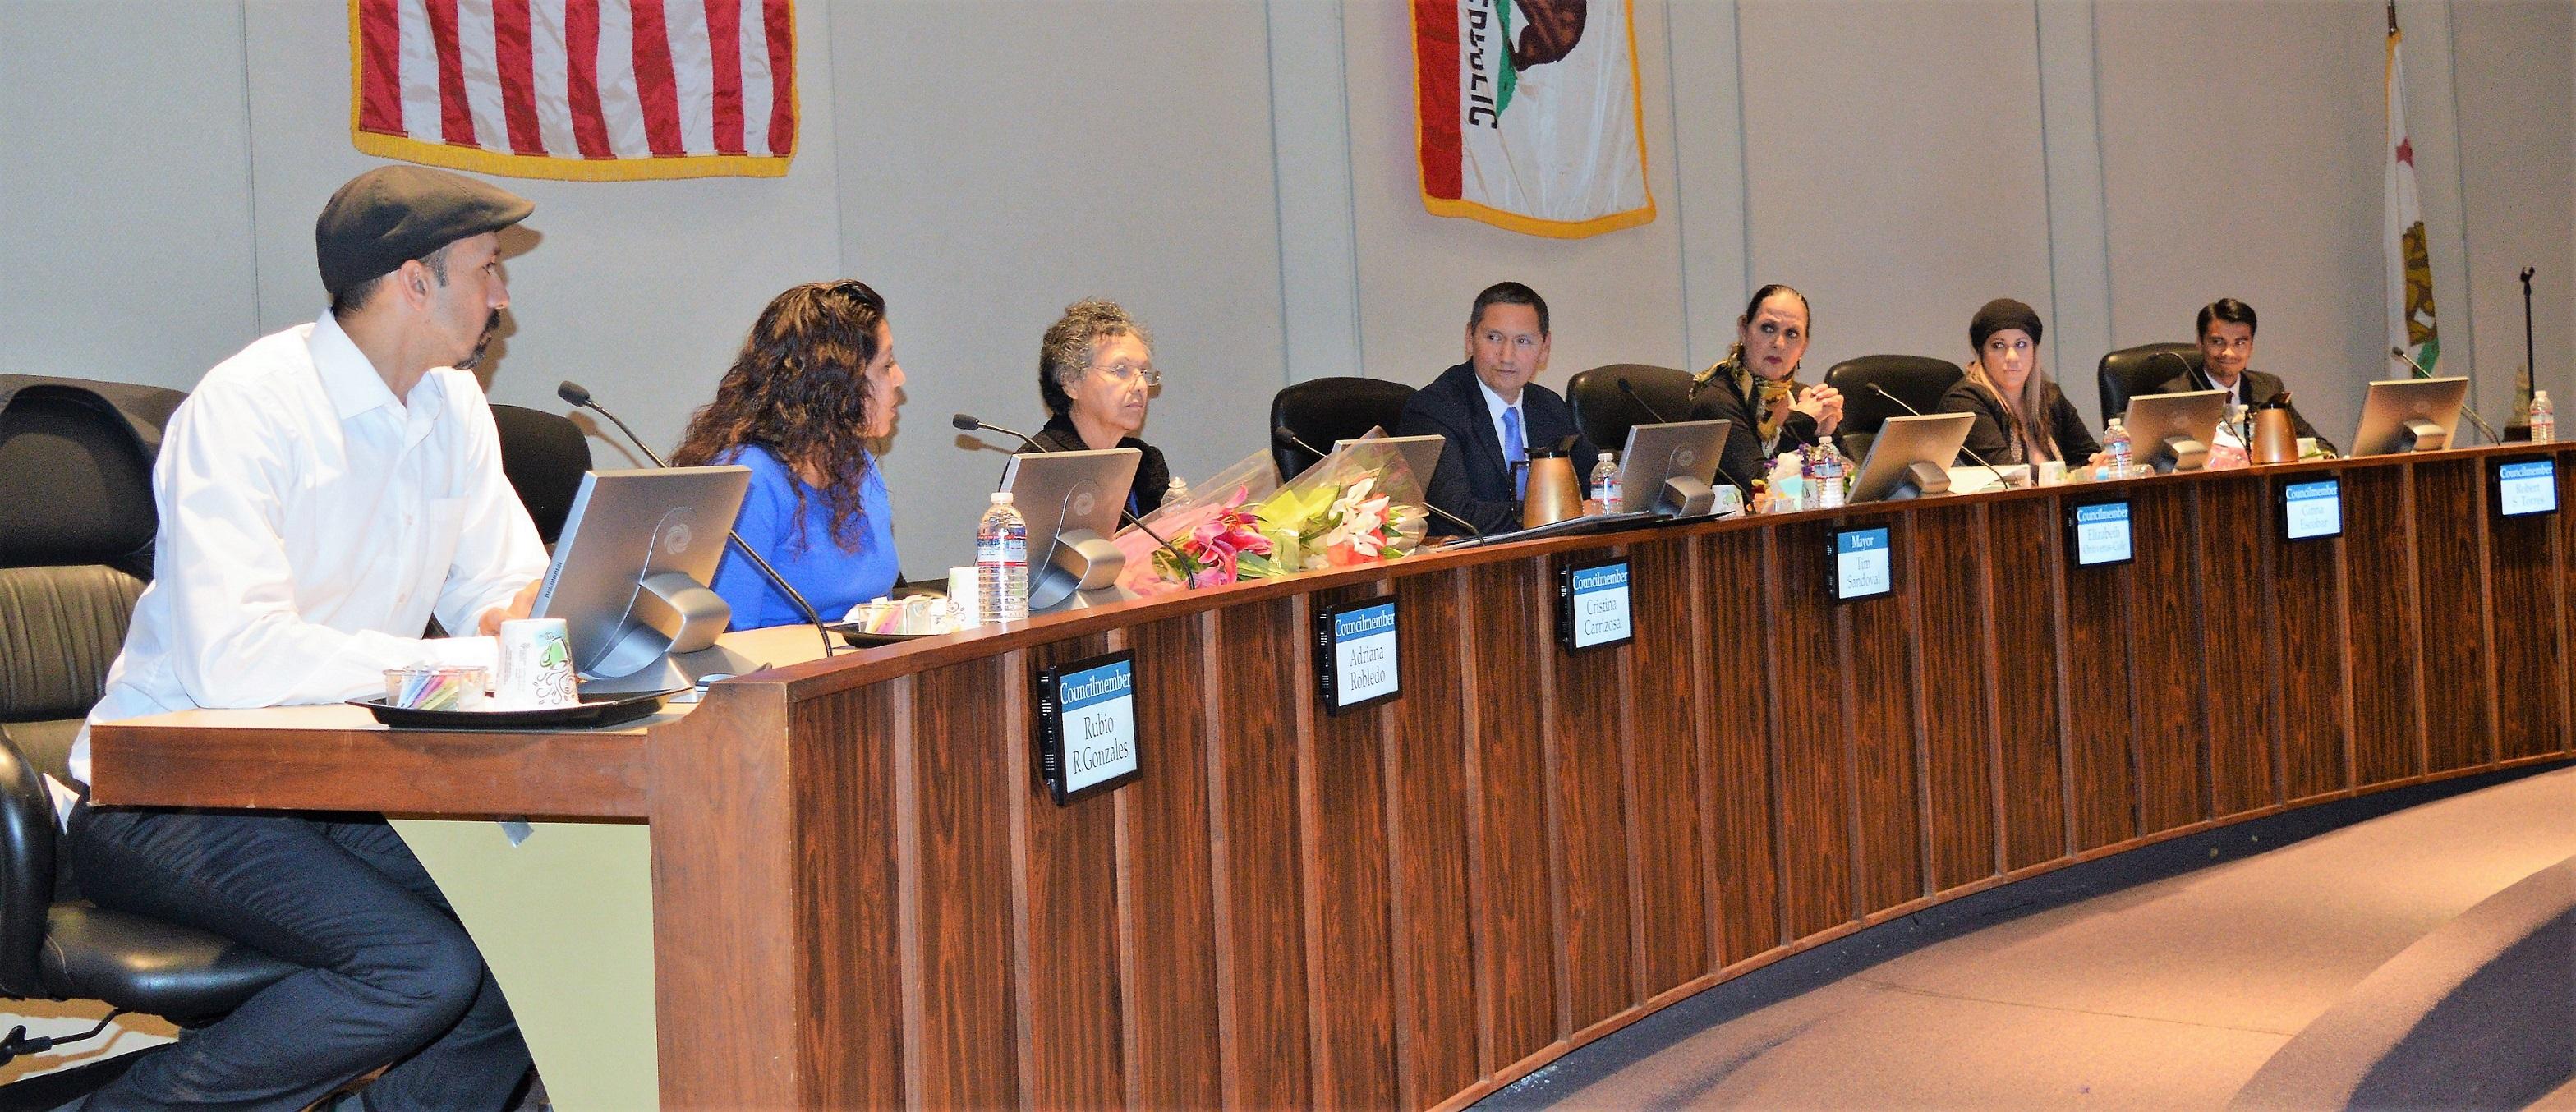 El Concilio Municipal de Pomona tiene cuatro nuevos miembros, todos ellos latinos.